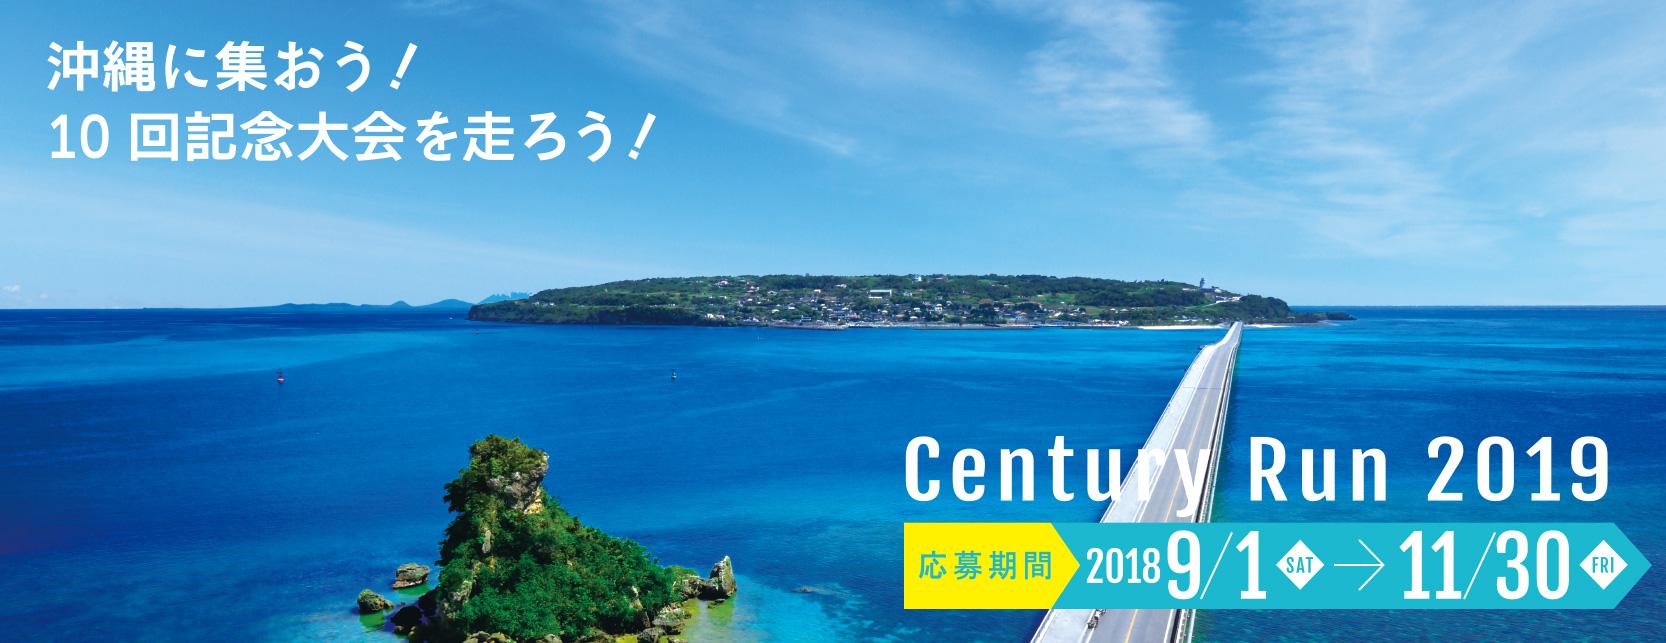 《イベント》美ら海沖縄Century Run 2019